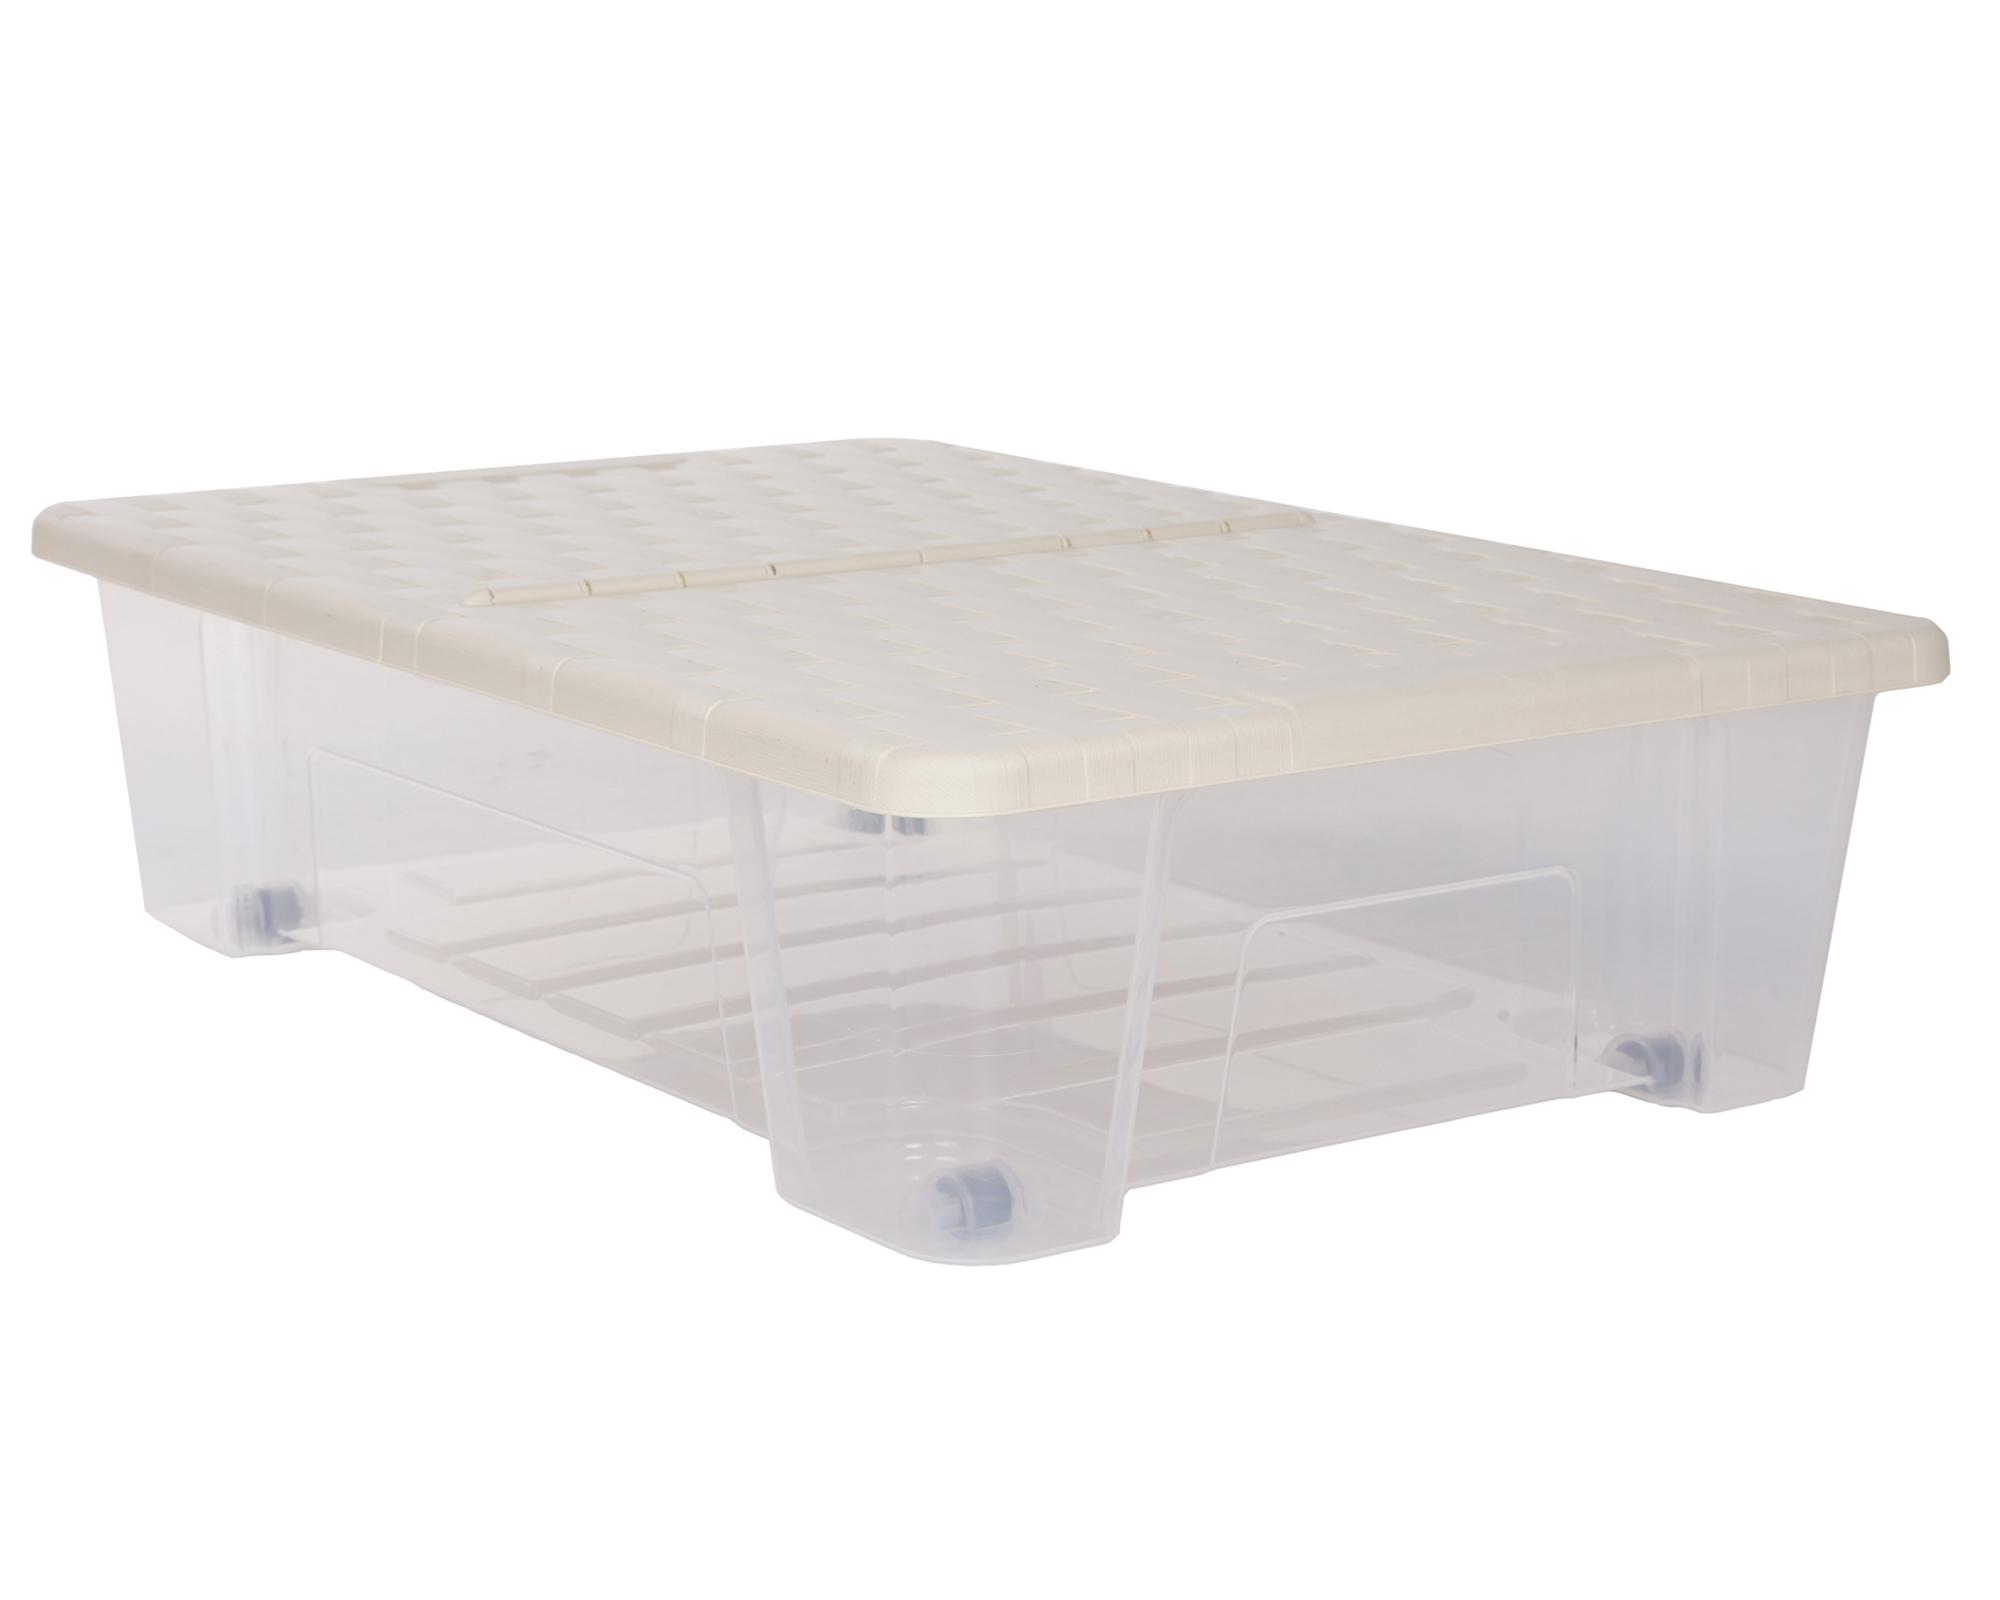 unterbettkommode allzweckbox rollerbox unterbettbox 25l rattan beige transparent ebay. Black Bedroom Furniture Sets. Home Design Ideas